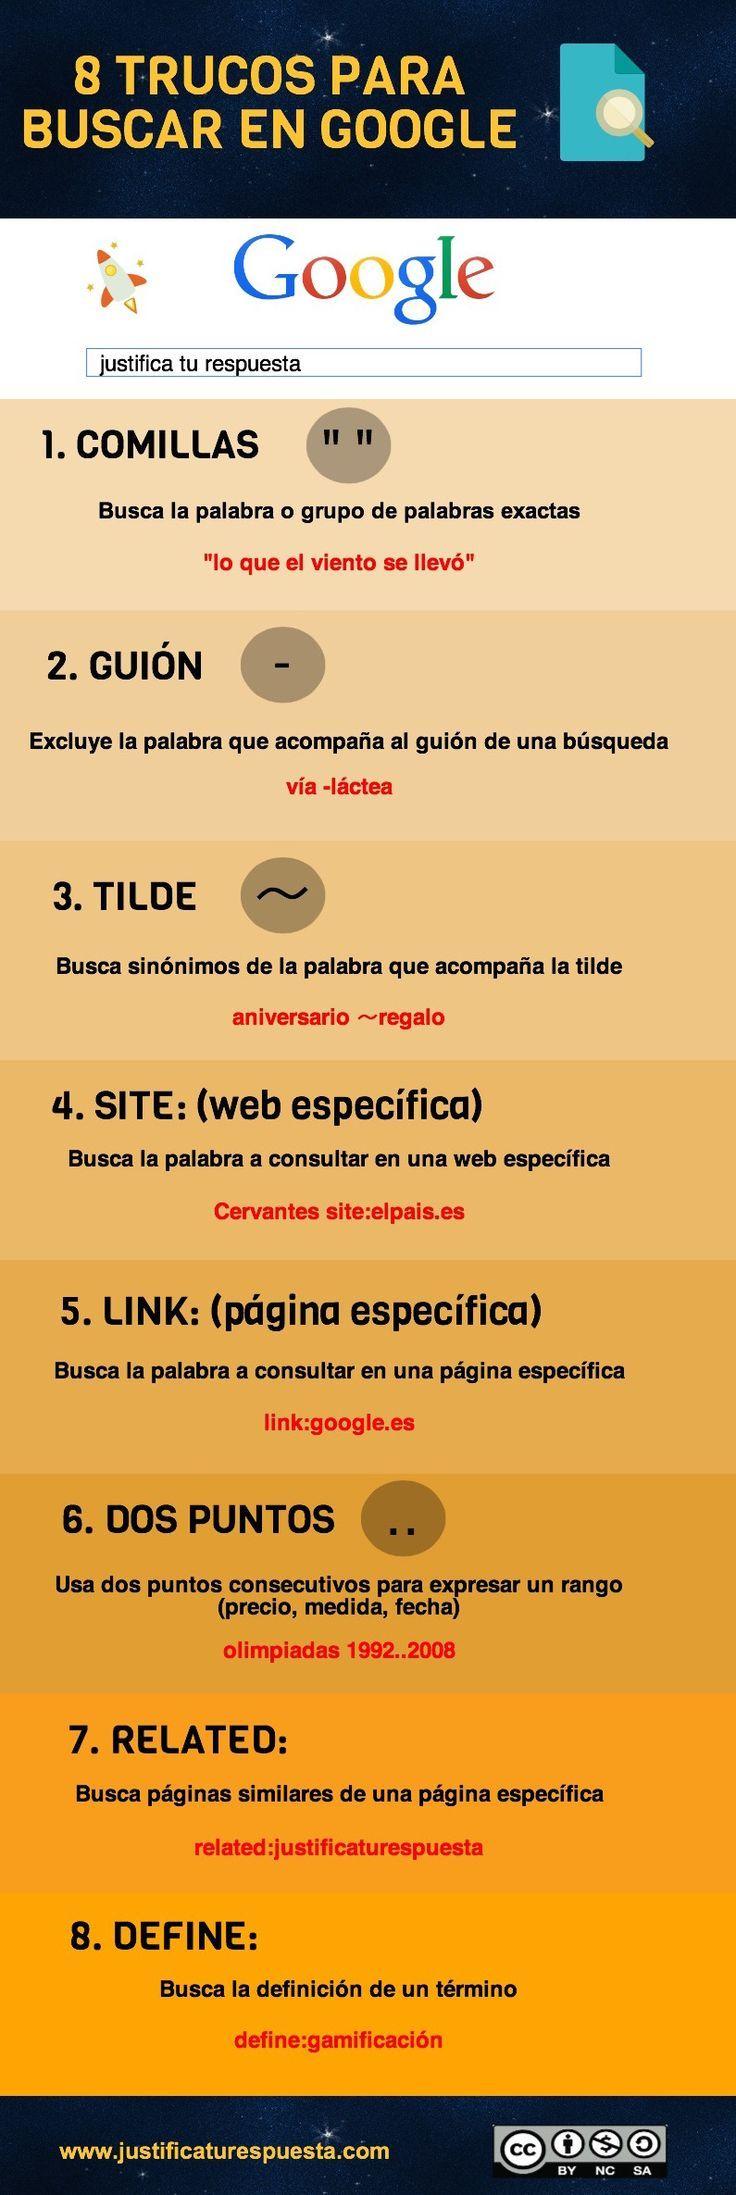 TIC en IE.5136 Fernando Belaúnde Terry - Callao: 8 trucos para buscar en Google y ganar tiempo